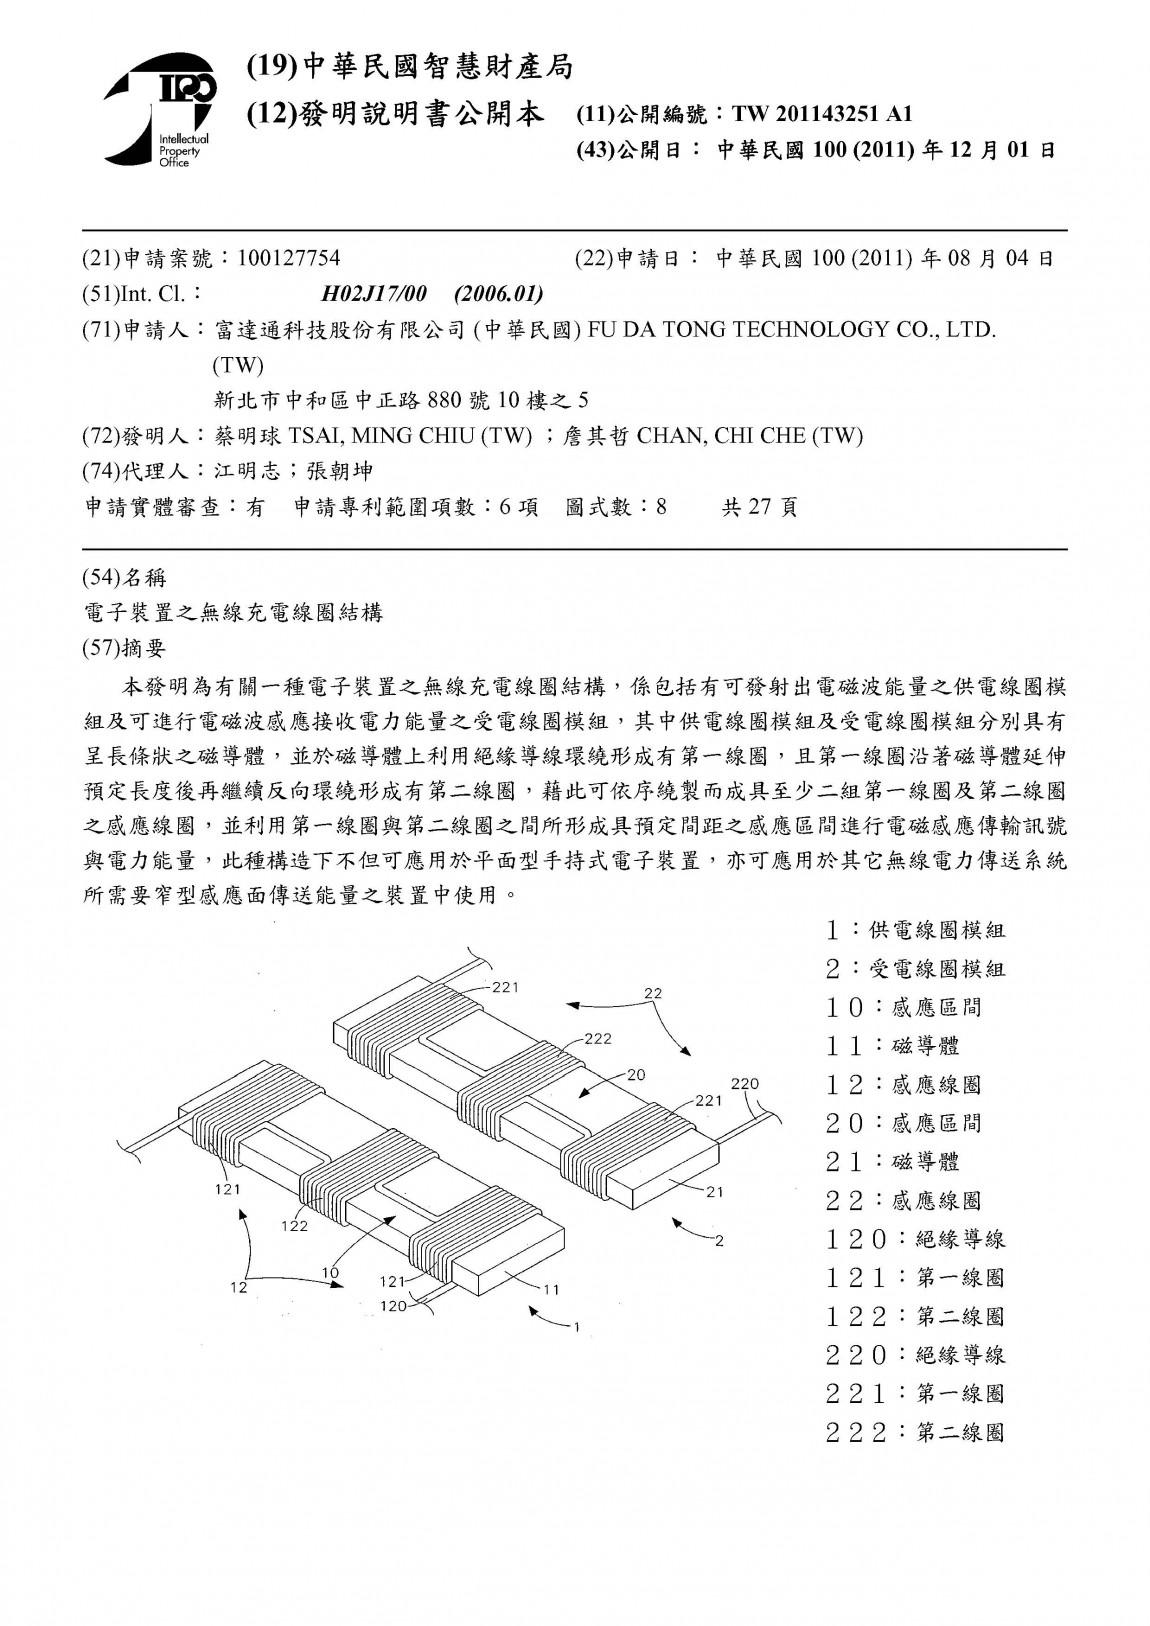 富達通專利13-電子裝置之無線充電線圈結構(台灣)201143251